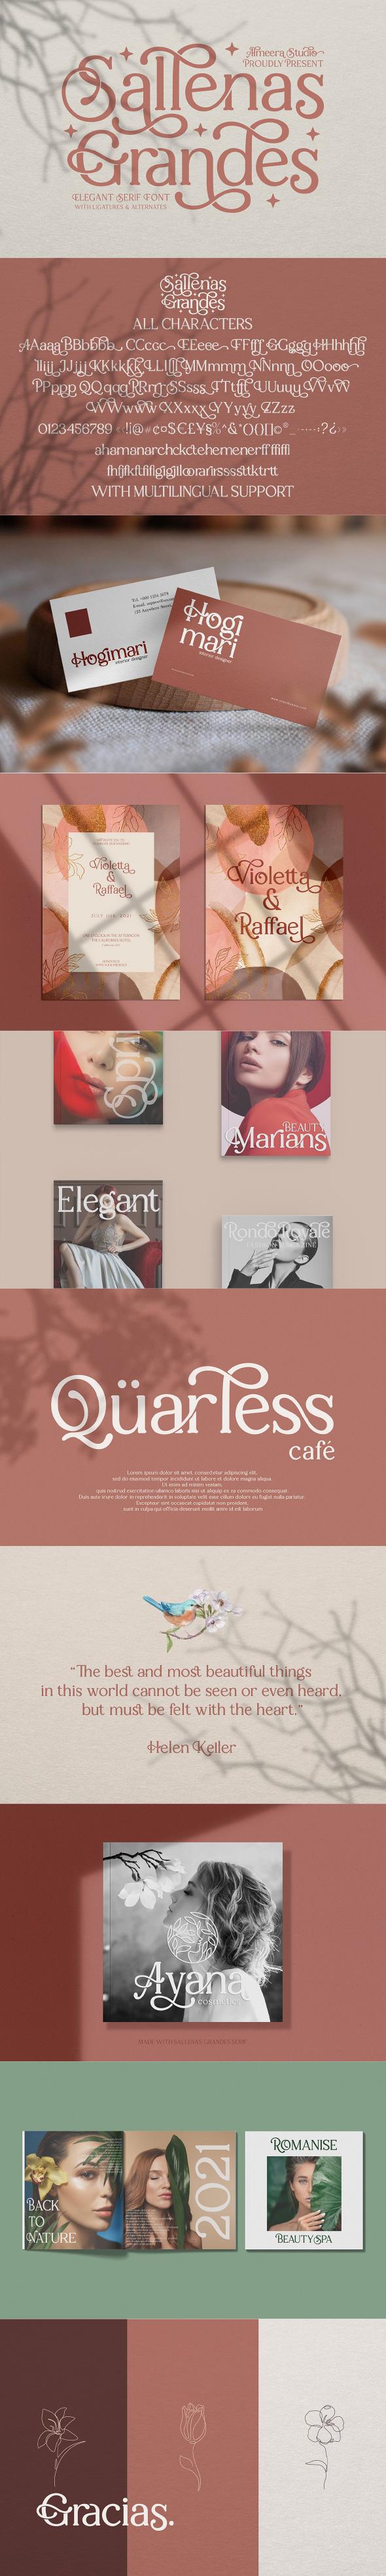 Sallenas Grandes|Elegant Serif Font